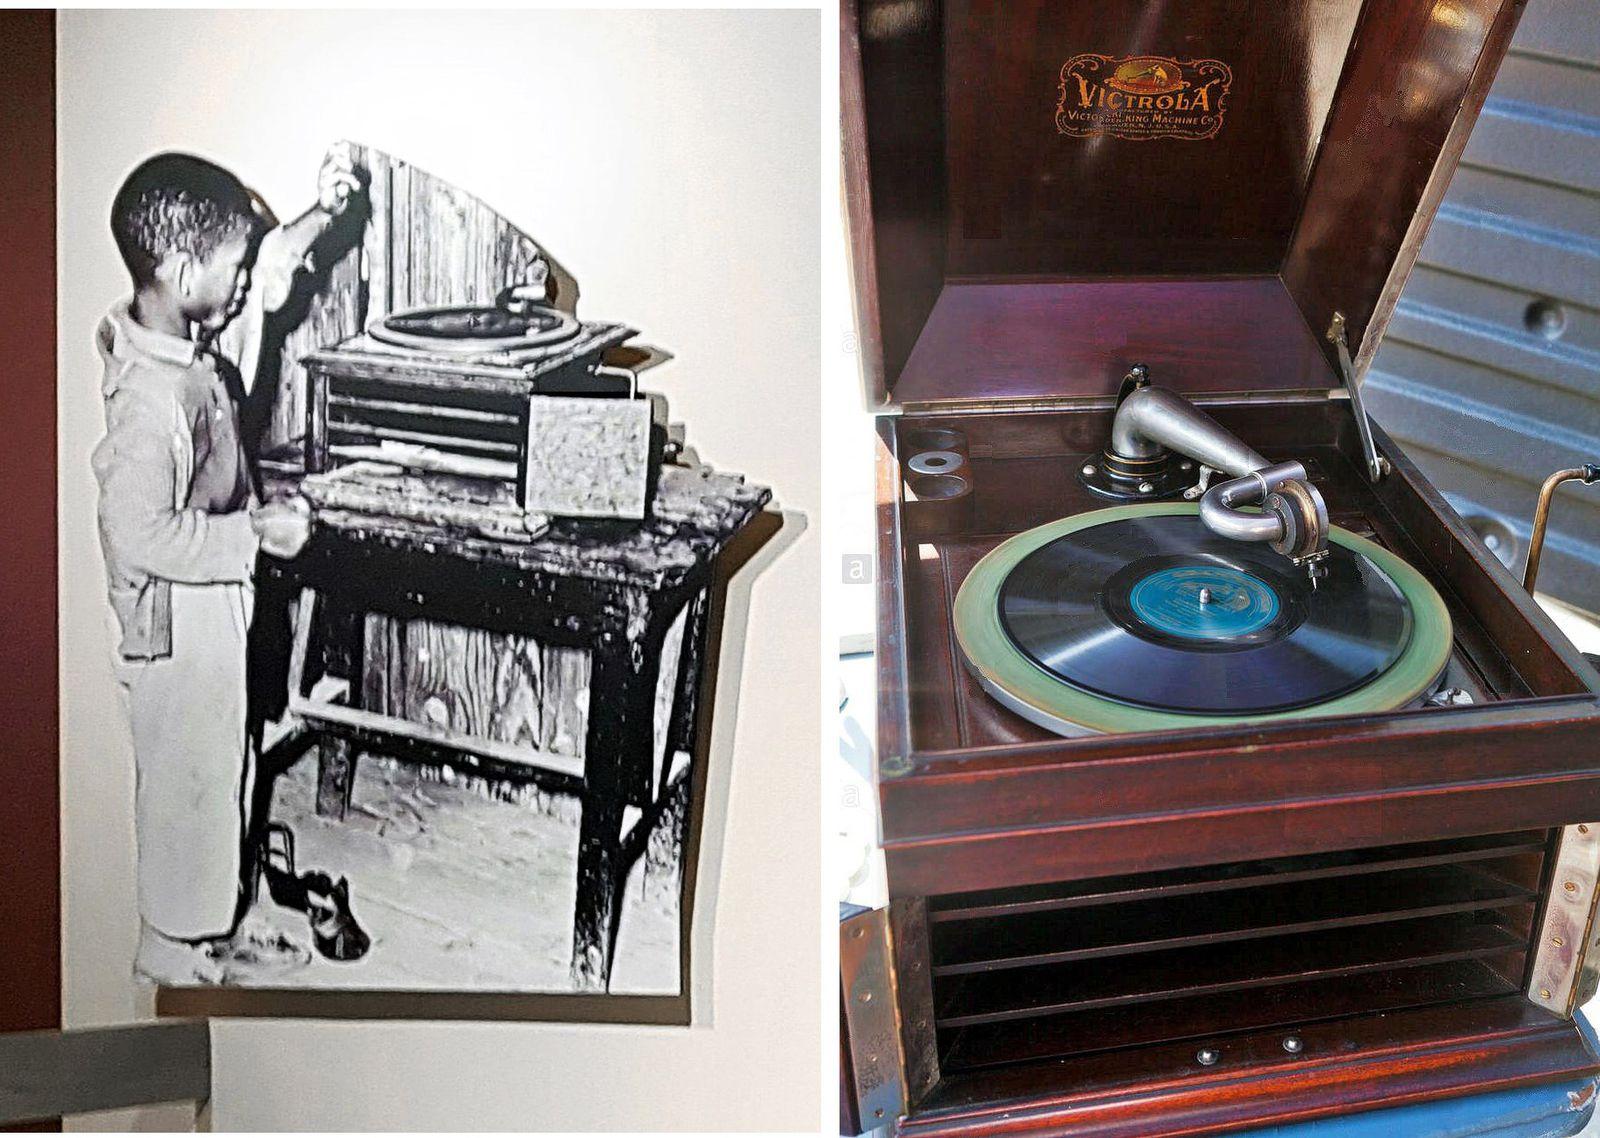 Memphis Rock'n'Soul Museum Victrola